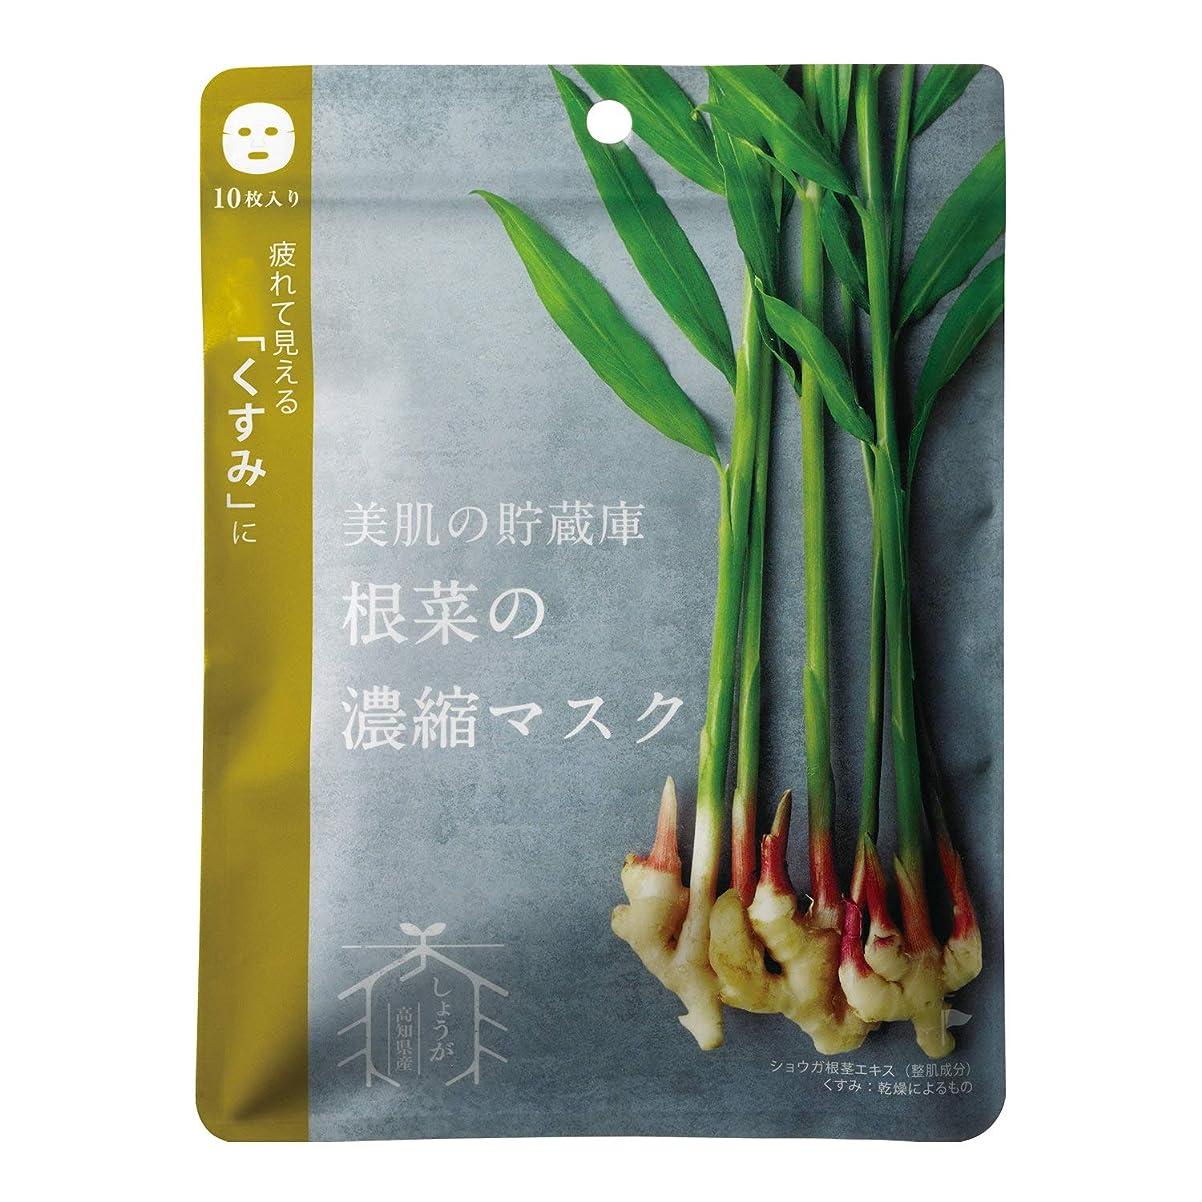 冗長足枷服を片付ける@cosme nippon 美肌の貯蔵庫 根菜の濃縮マスク 土佐一しょうが 10枚 160ml